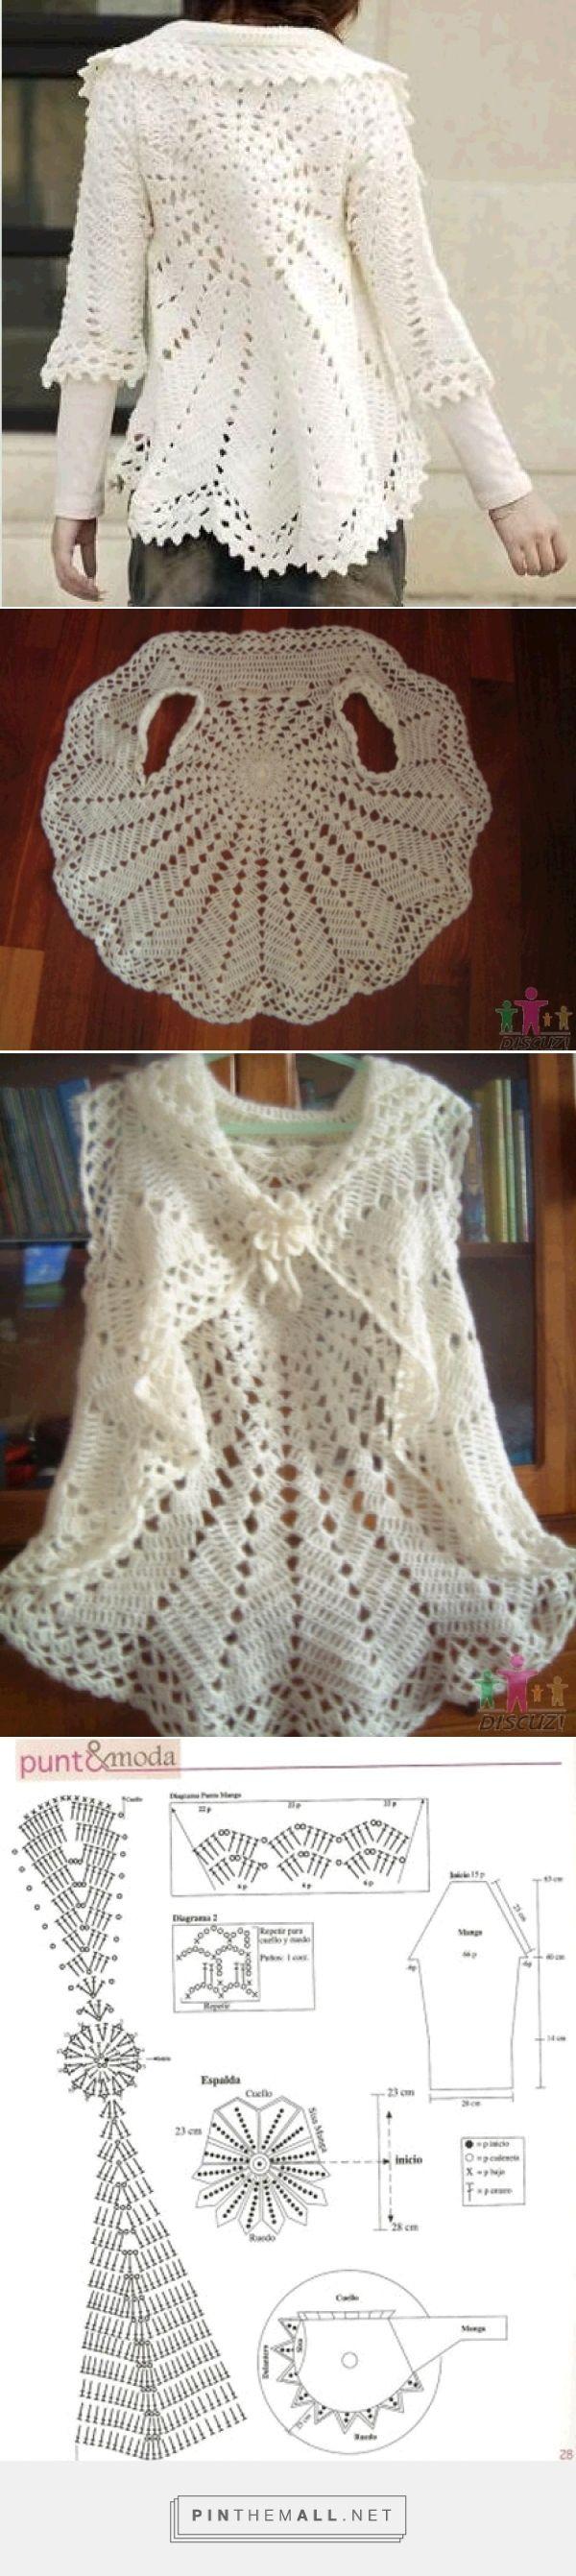 Crochet Lace Round Bolero/Jacket with Sleeves ~~ http://crochet103 ...